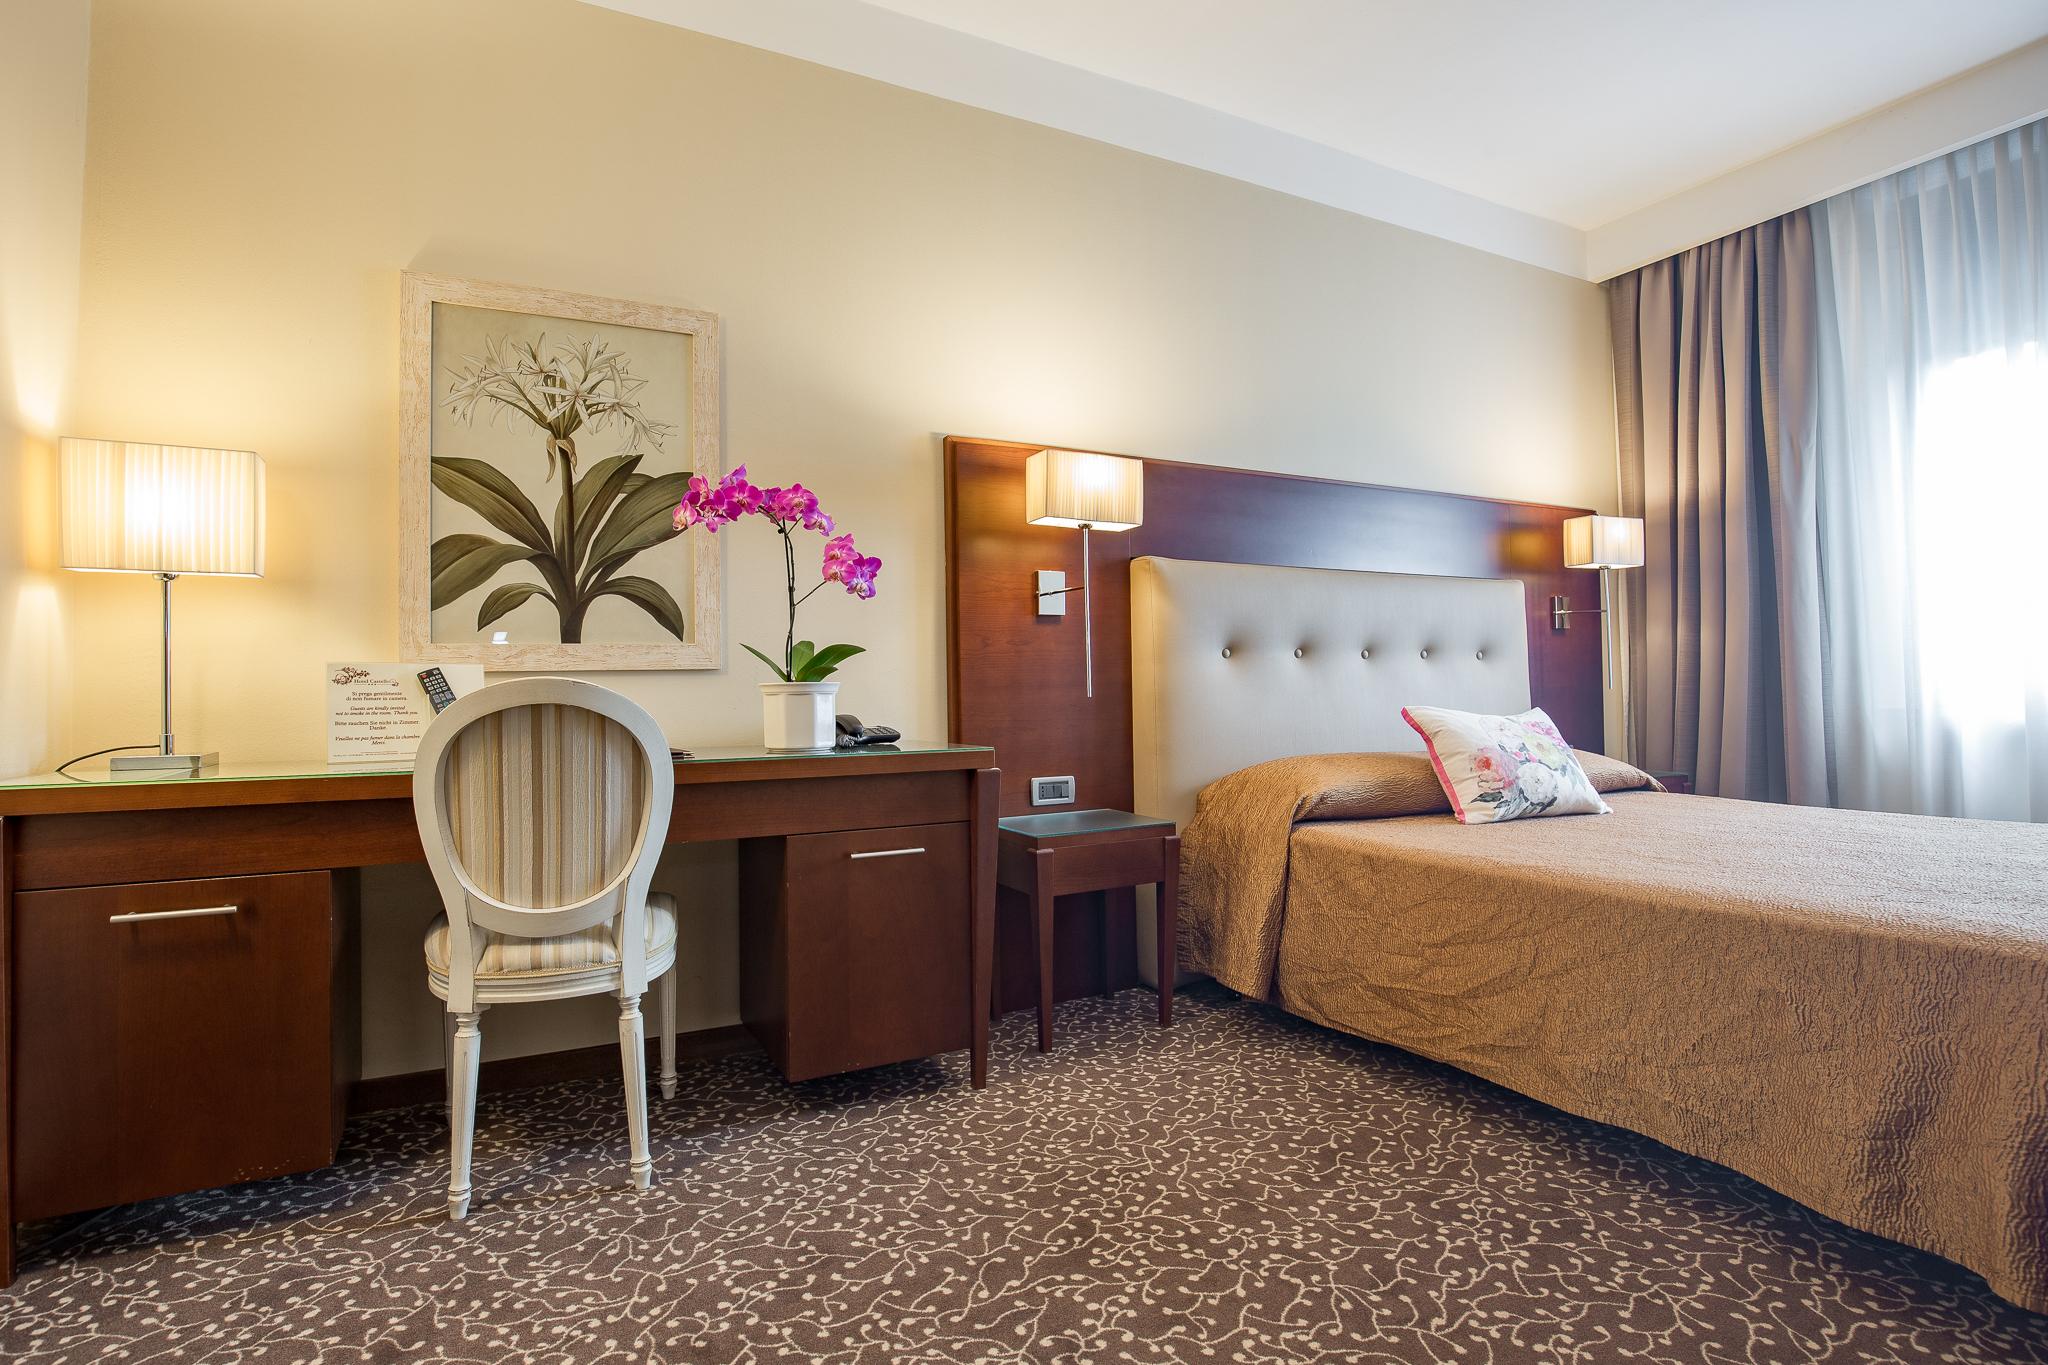 hotel_castello-0164-HDR-116